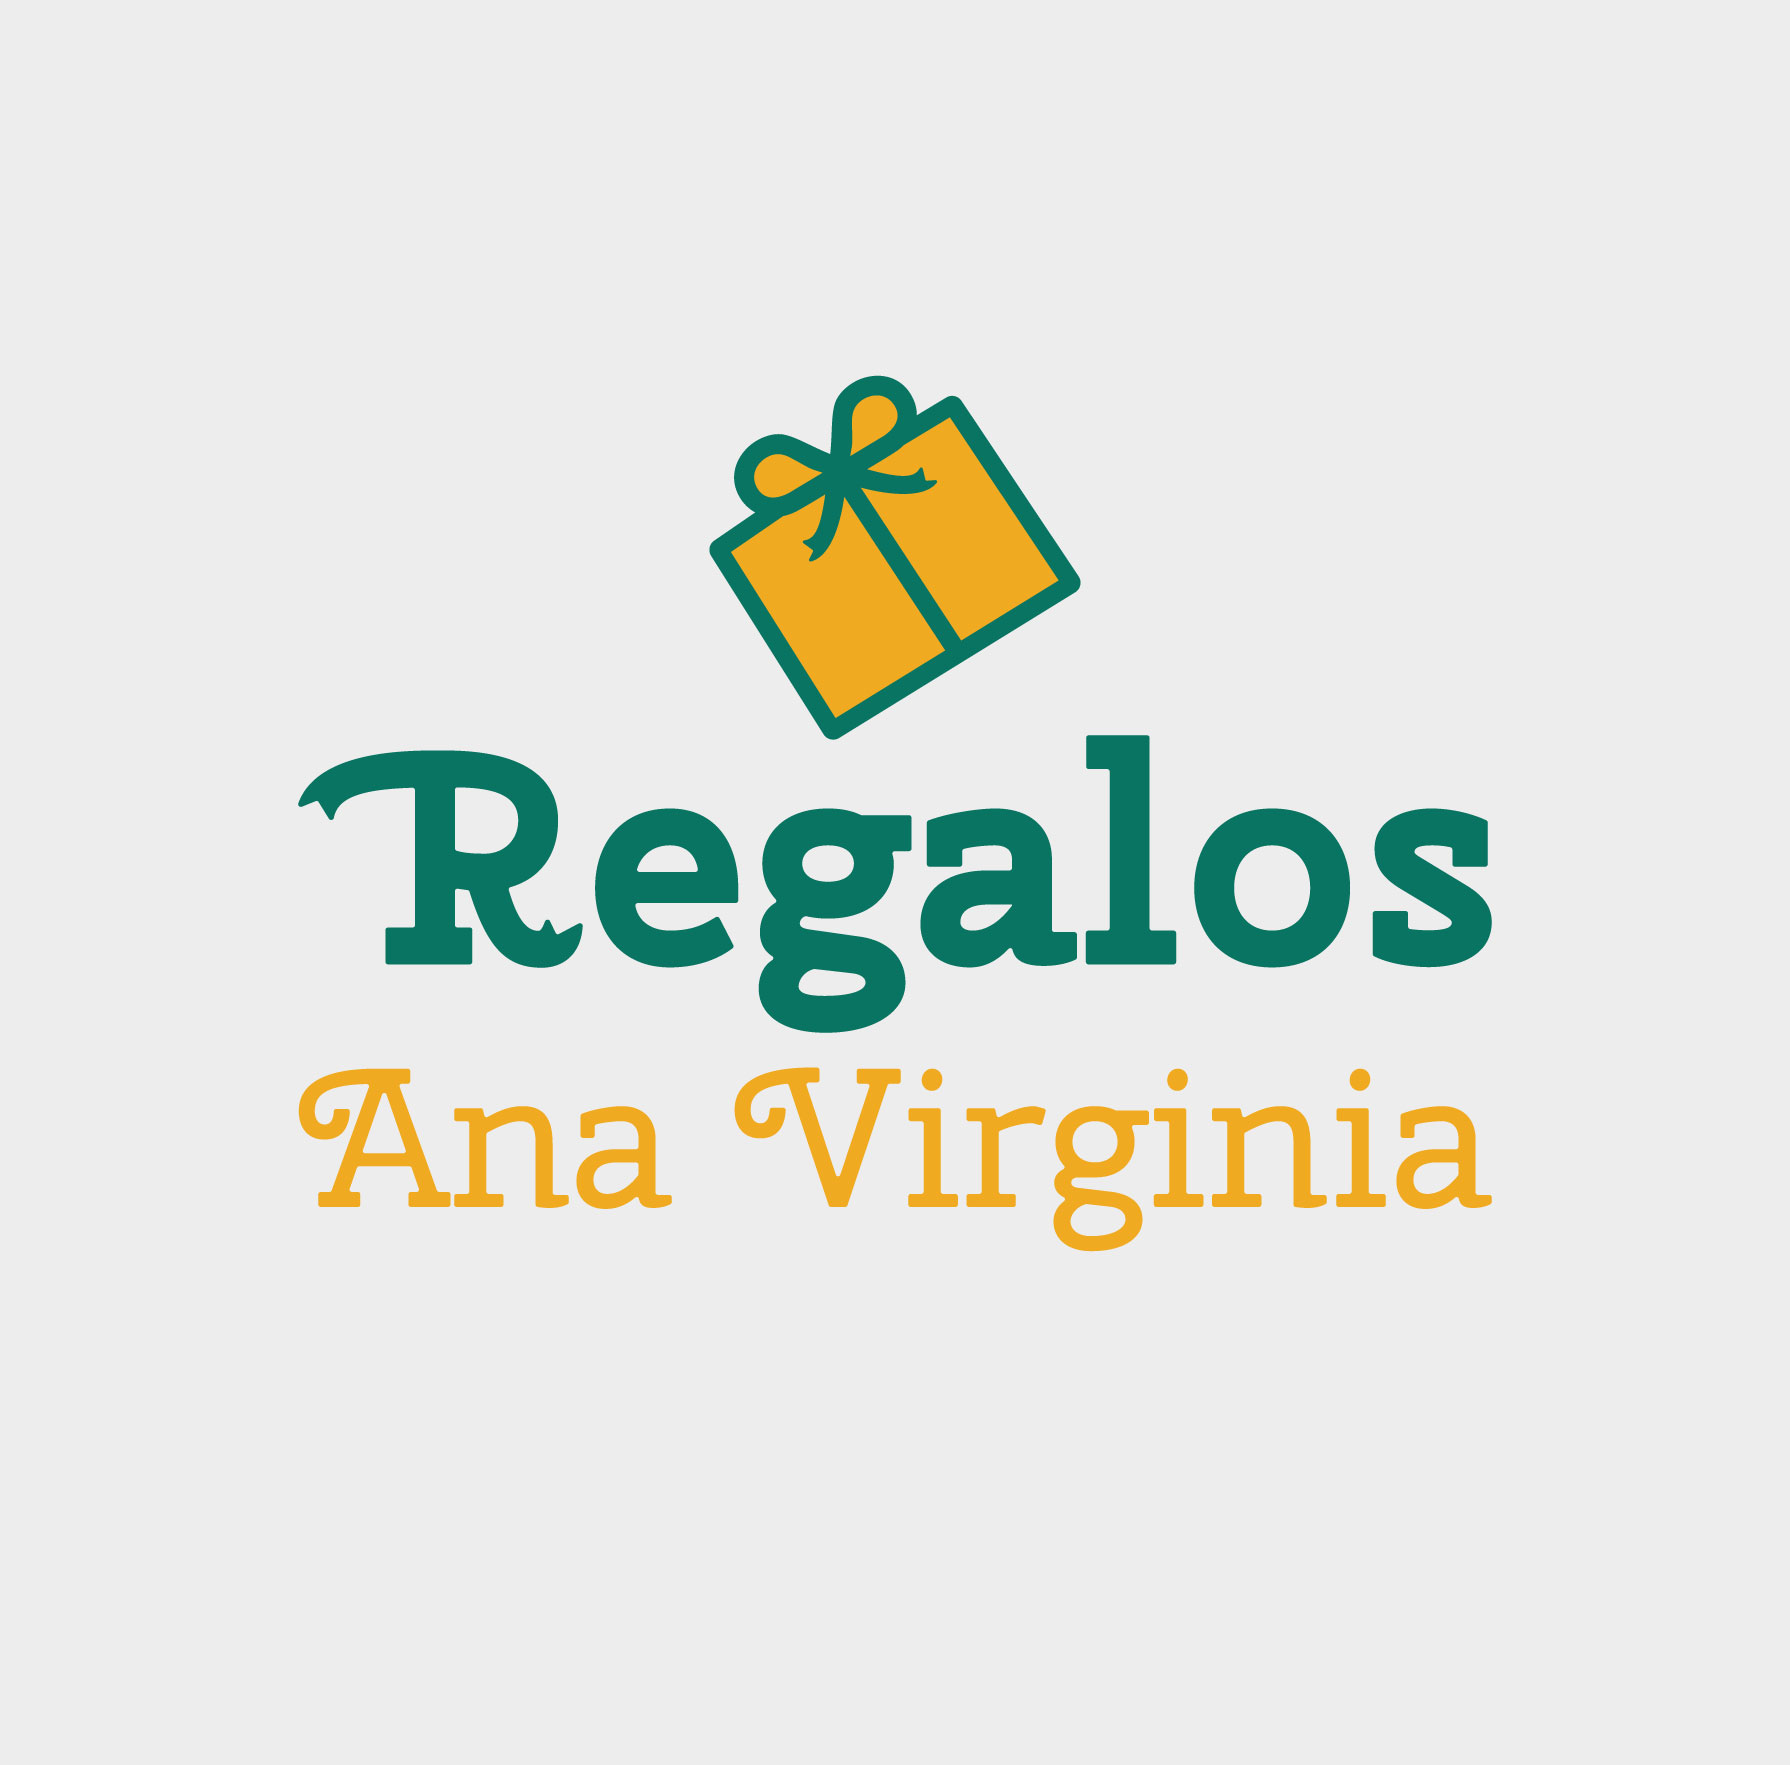 diseño-logo-empresa-regalos